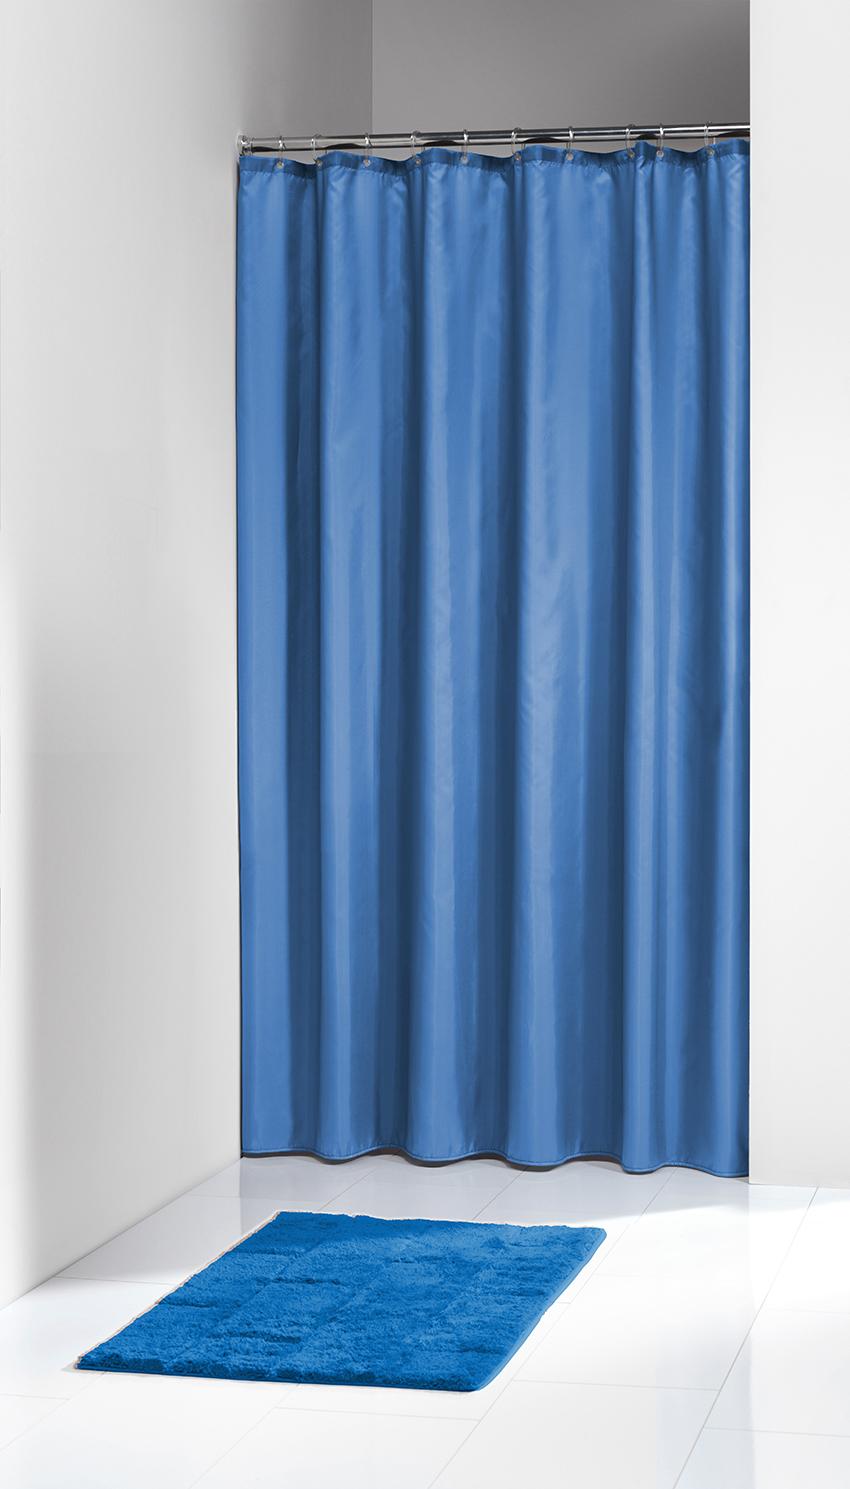 Κουρτίνα Υφασμάτινη «Madeira Blue» 180×200εκ. Sealskin 238501324 – sealskin – 238501324